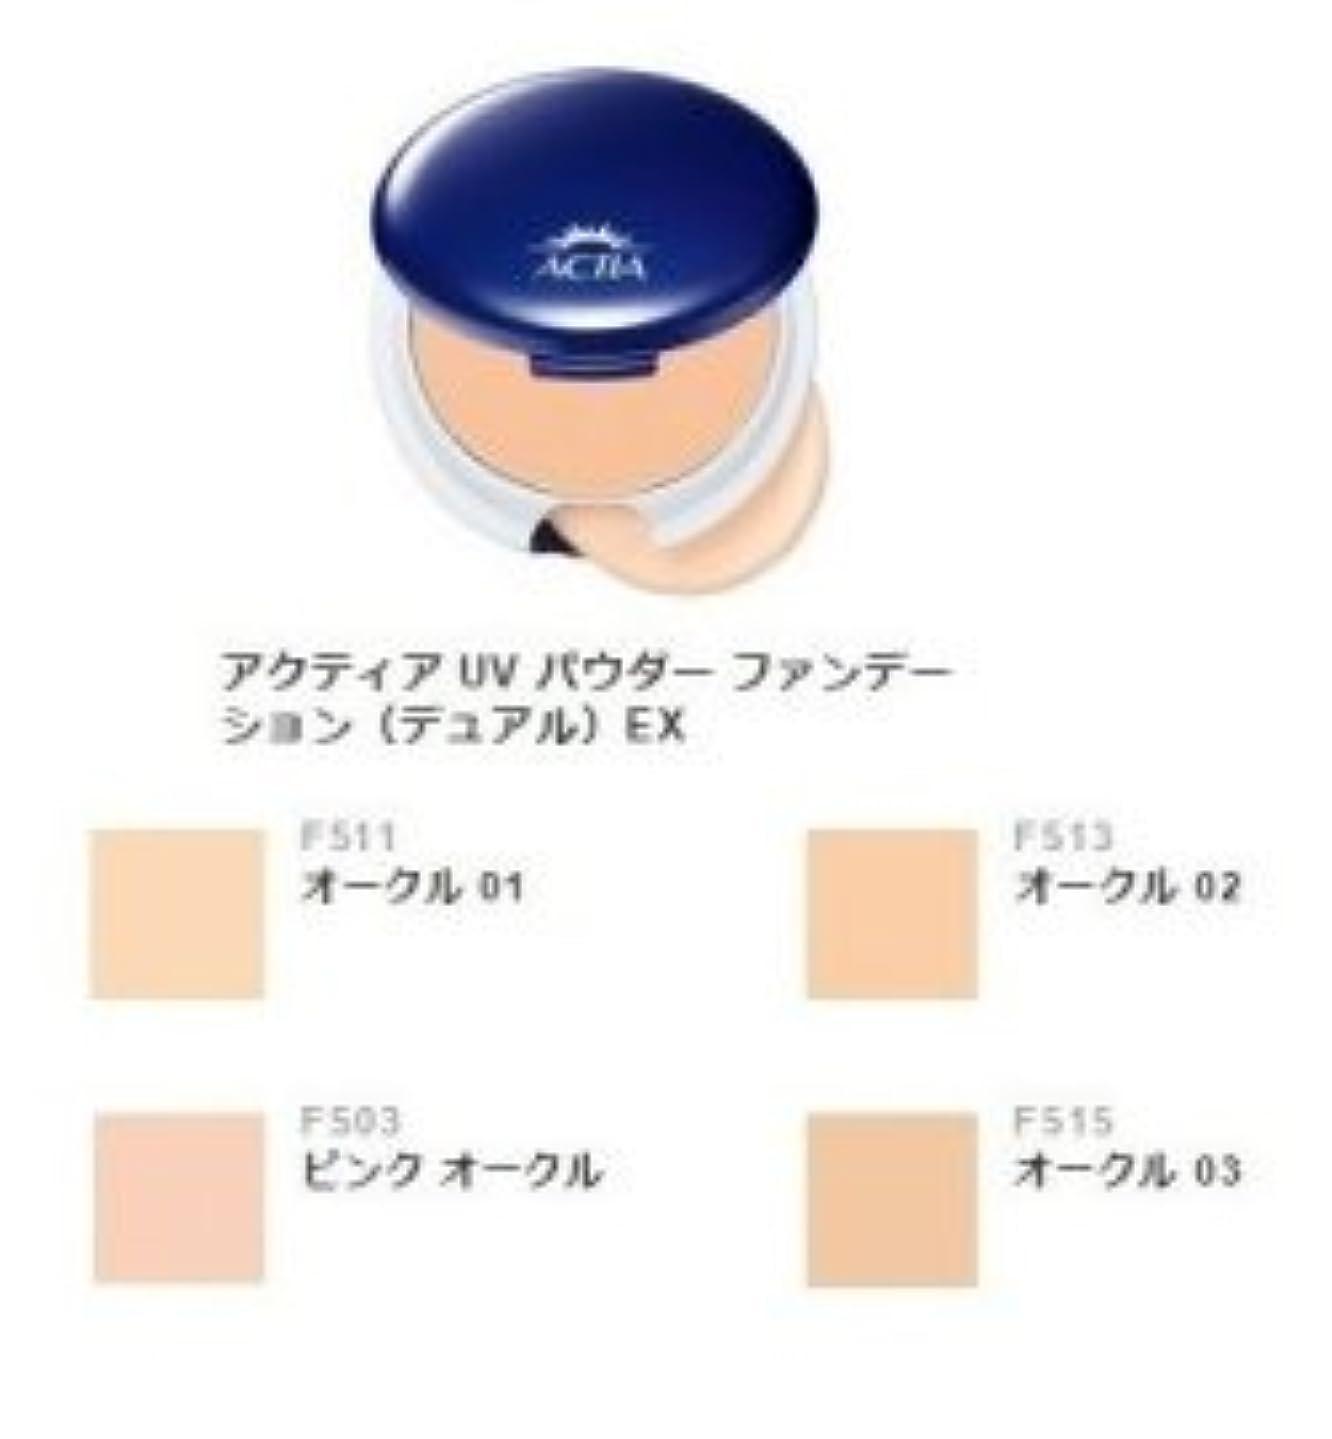 オリエンテーション成人期オプショナルエイボン(AVON) アクティア UV パウダーファンデーション(デュアル)EX(リフィル)F515 オークル03